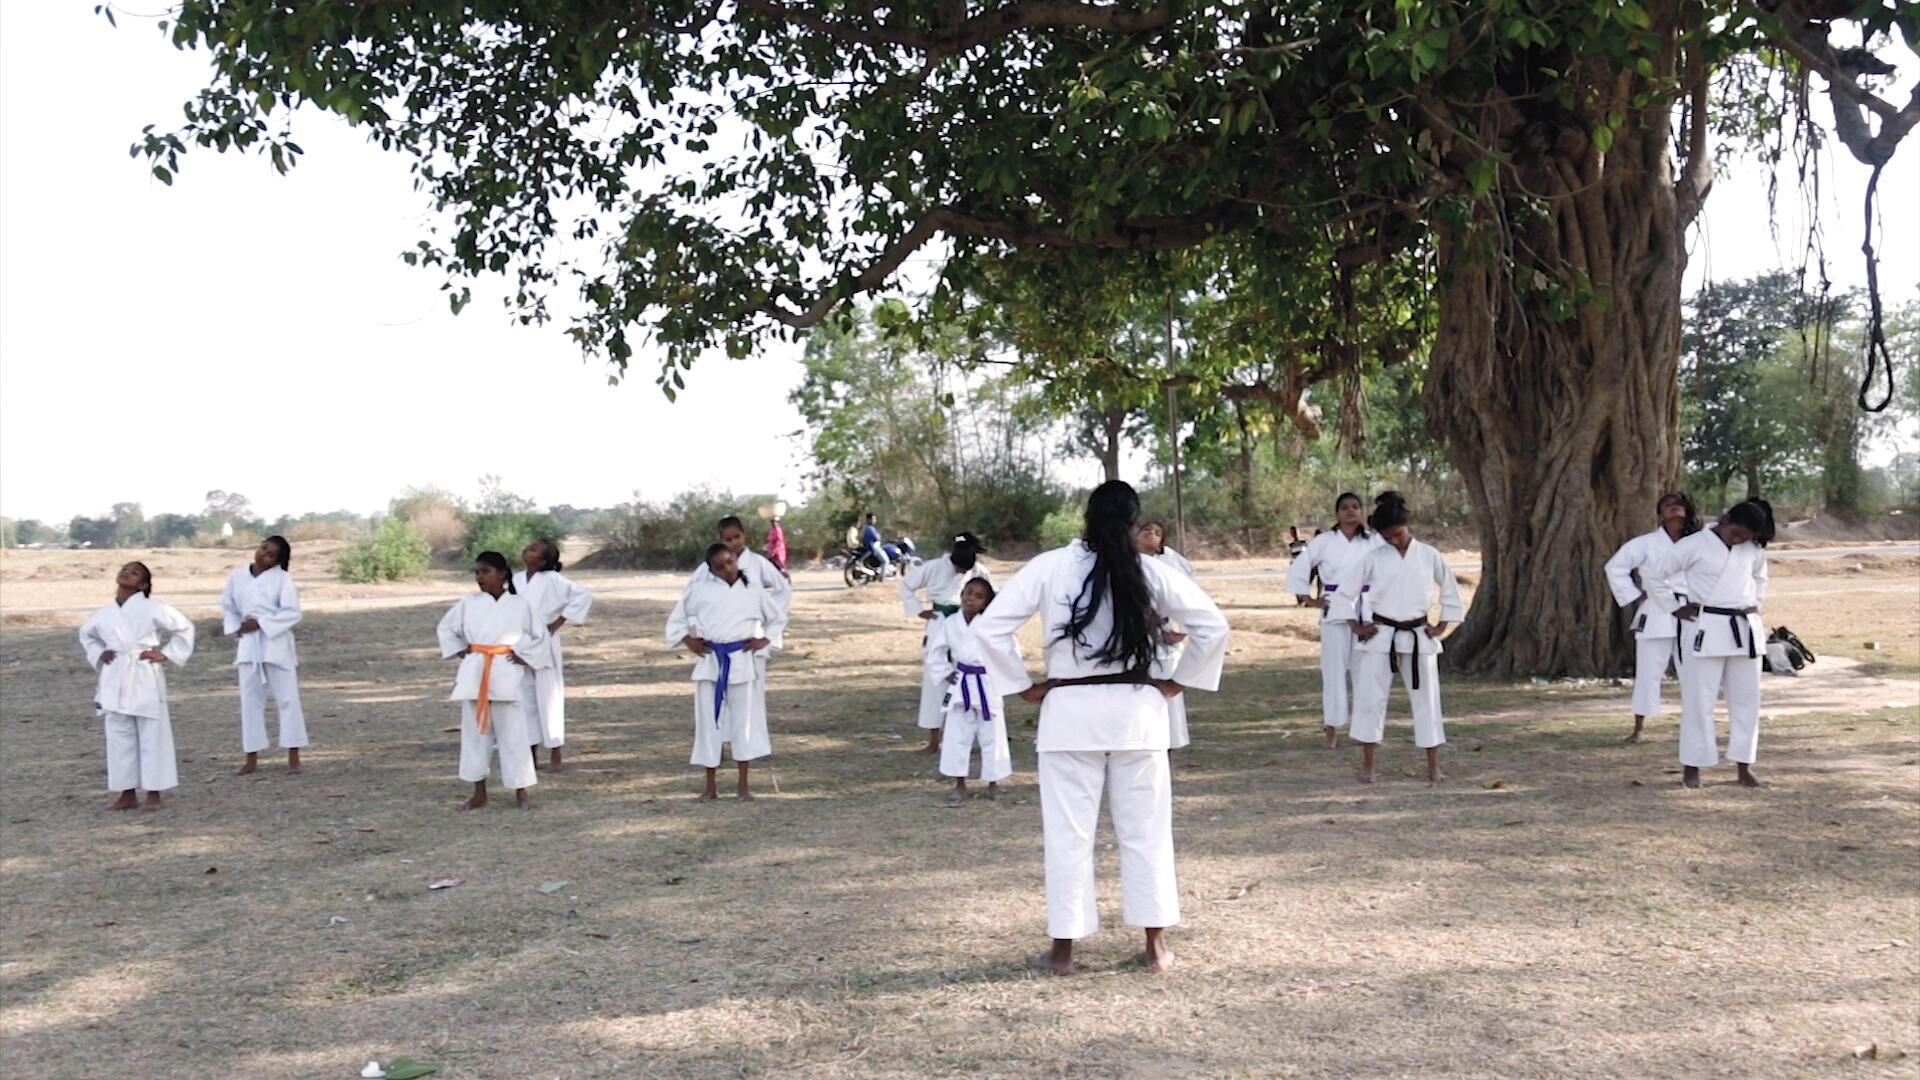 El objetivo de World Vision no es sólo que las niñas aprendan autodefensa sino darles confianza en sí mismas.